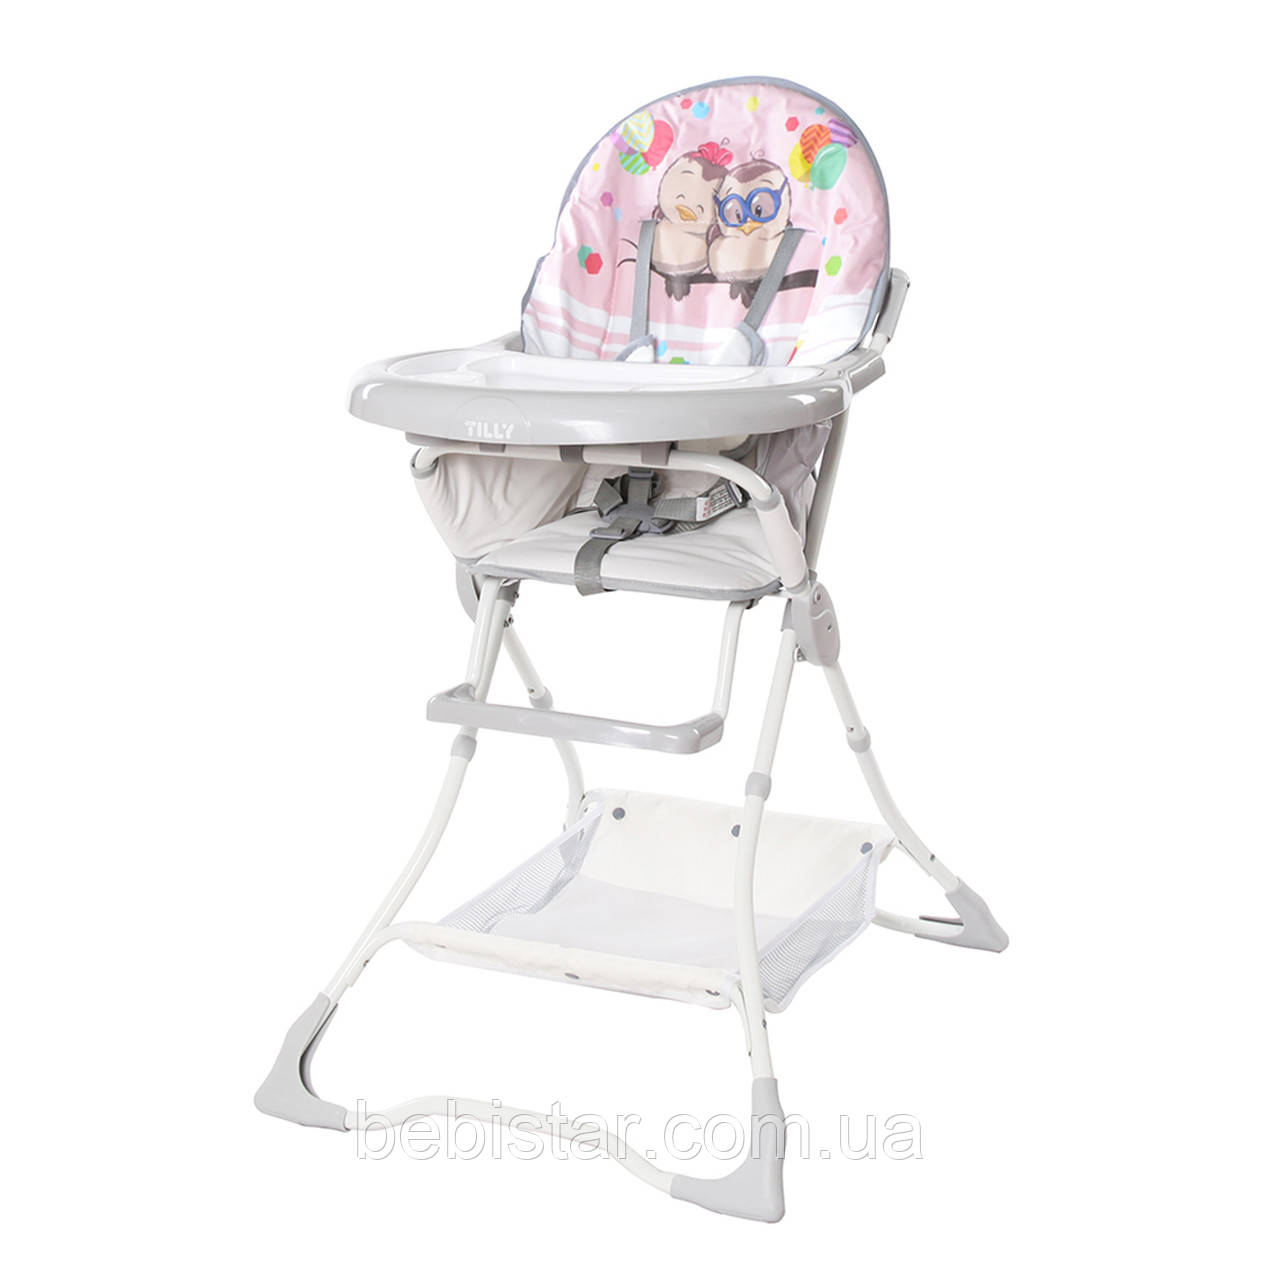 Стульчик для кормления розовый с птенцами Tilly Buddy съемный чехол корзина для ребенка с 6 месяцев до 3-х лет